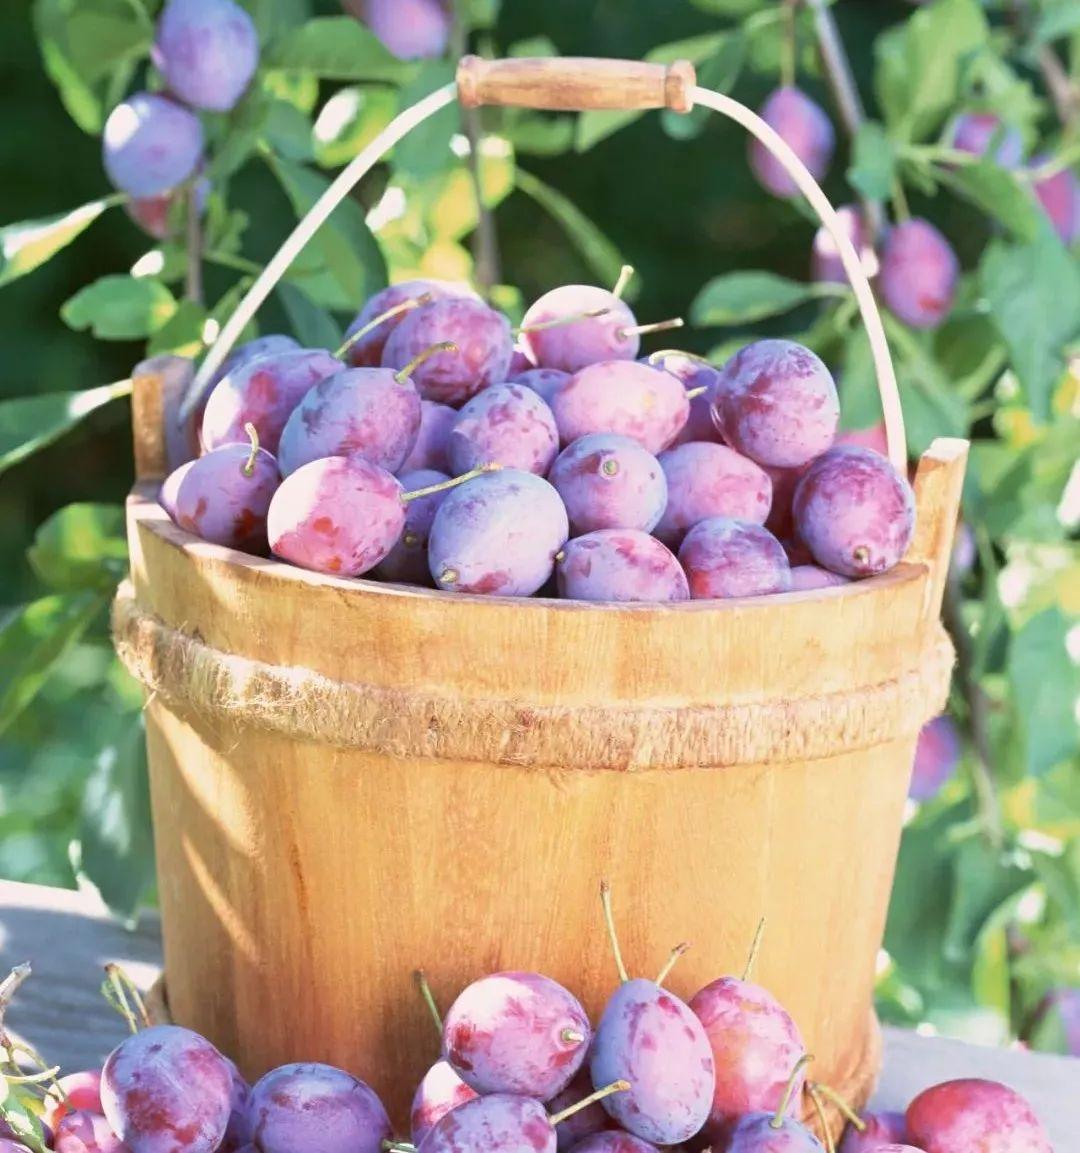 【商业案例】如何通过社群,使水果销量倍增?(附案例)